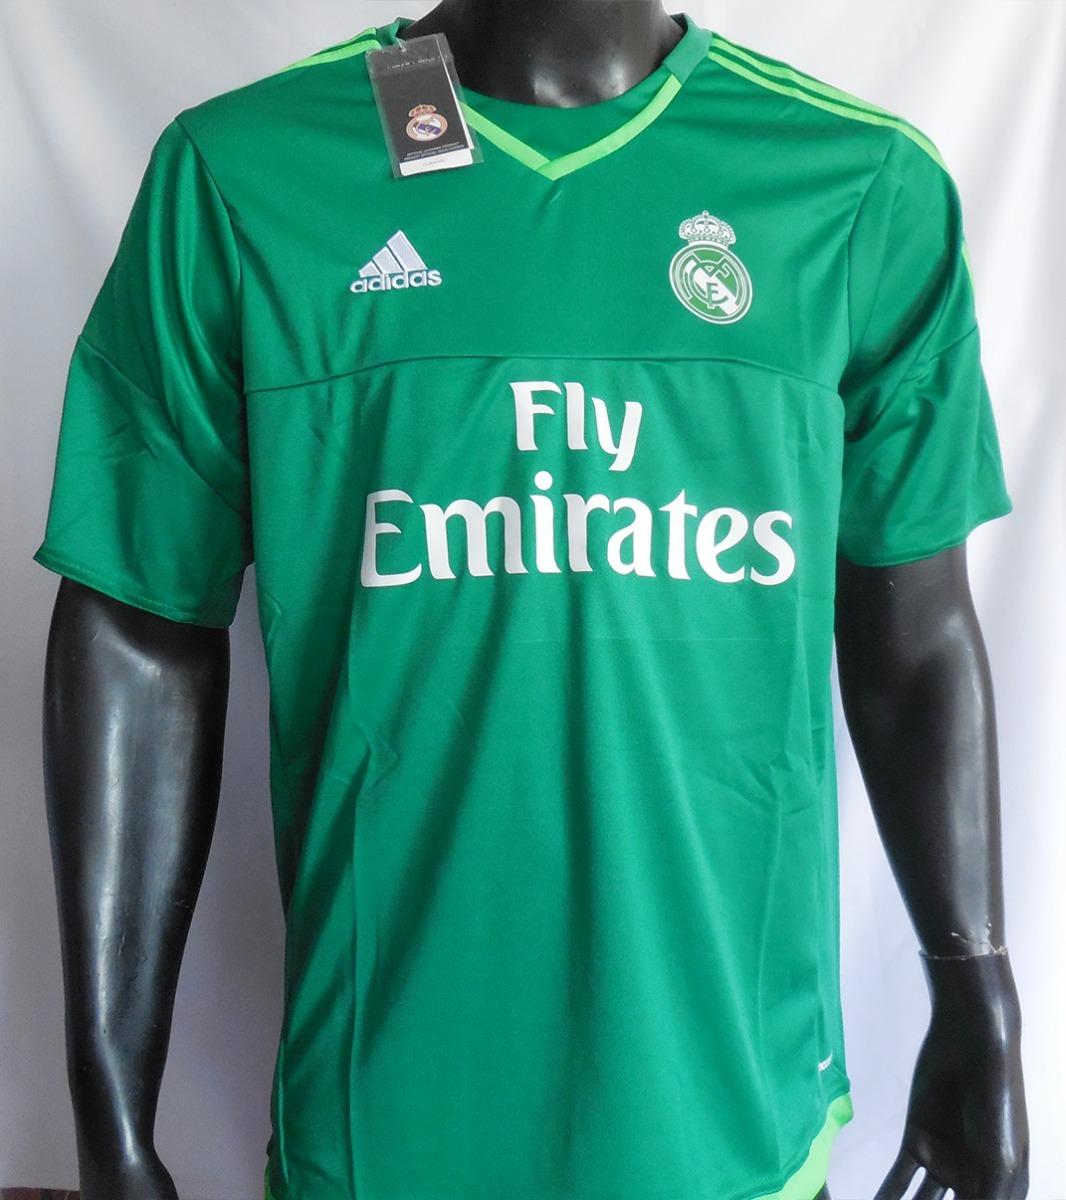 camiseta real madrid 15 16 arquero adidas. Cargando zoom. 444fca94fb3f8